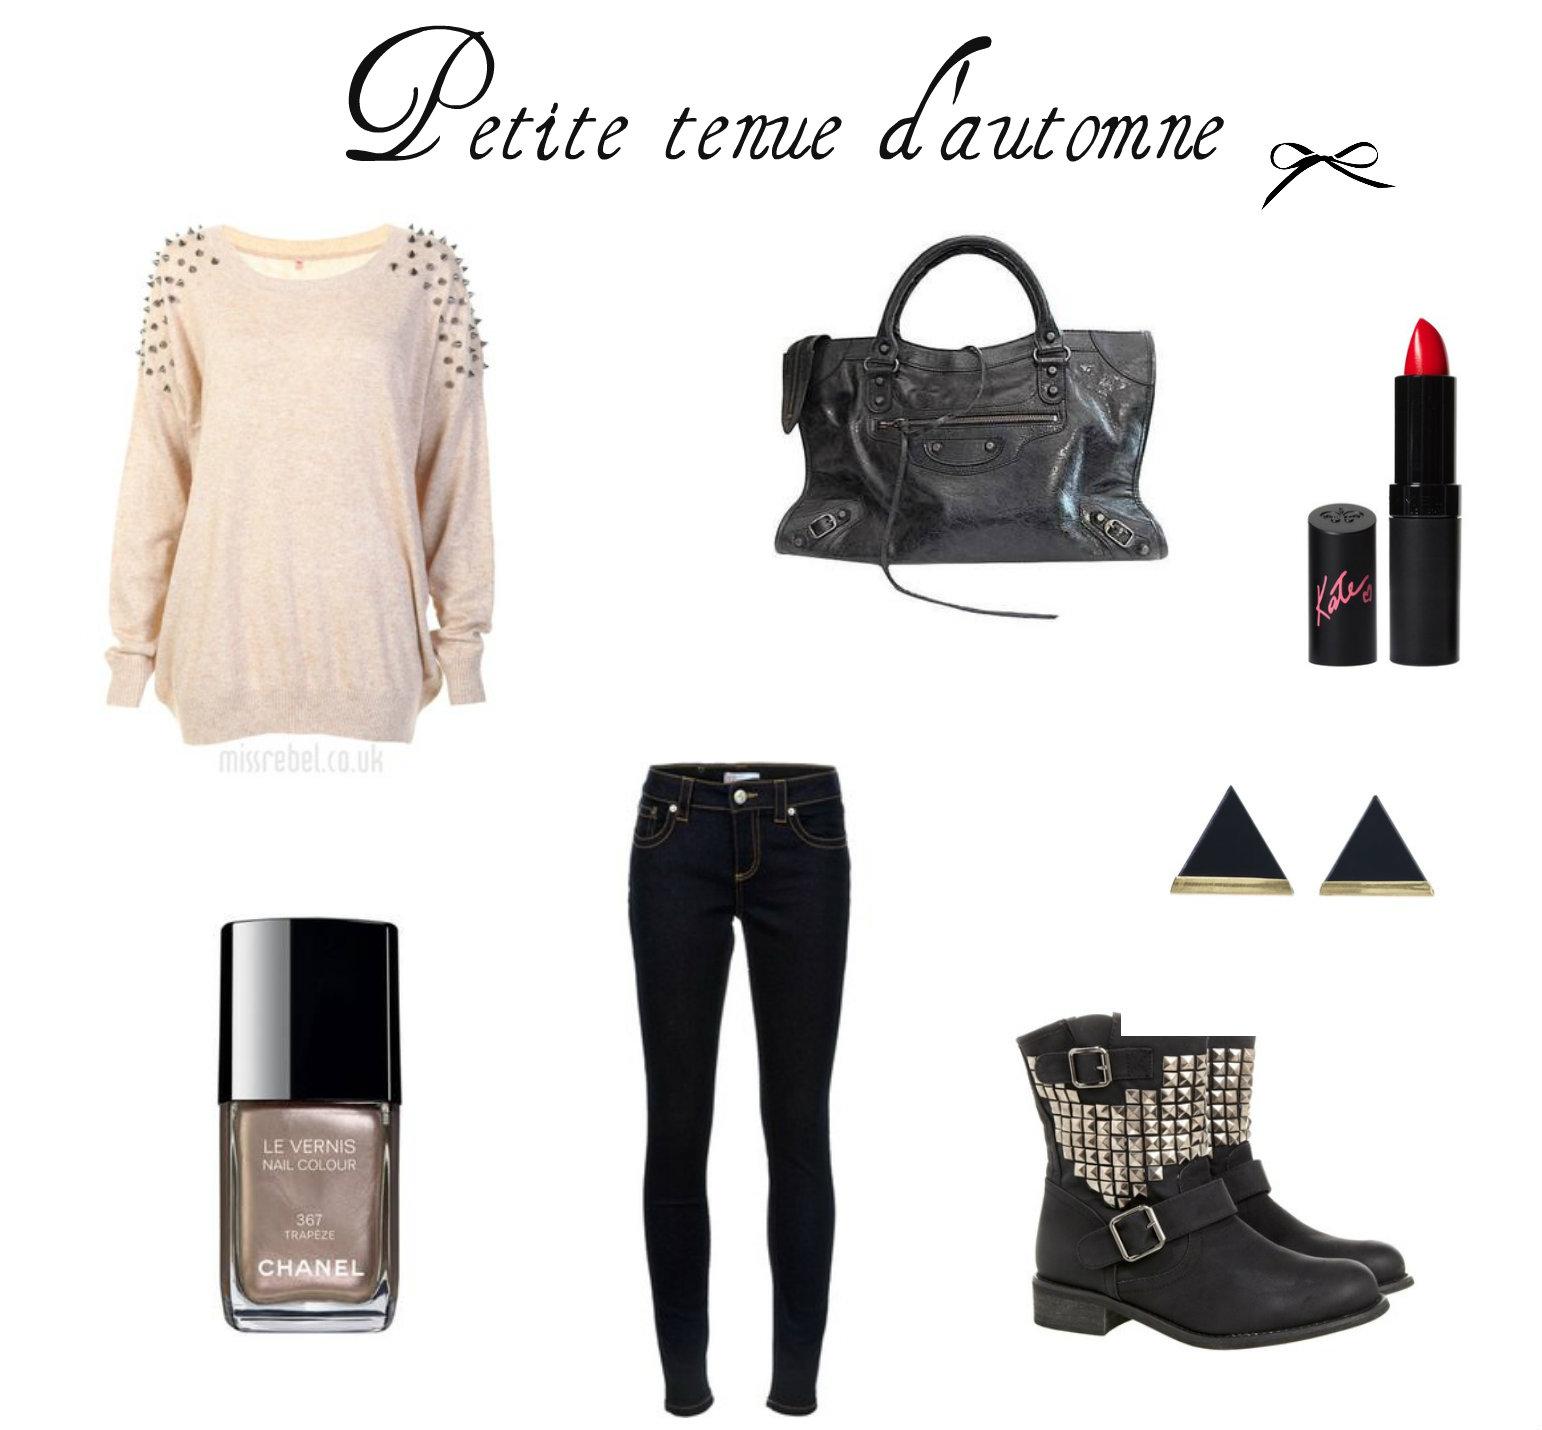 le blog de lice blog paris mode beaut lifestyle automne te voil. Black Bedroom Furniture Sets. Home Design Ideas